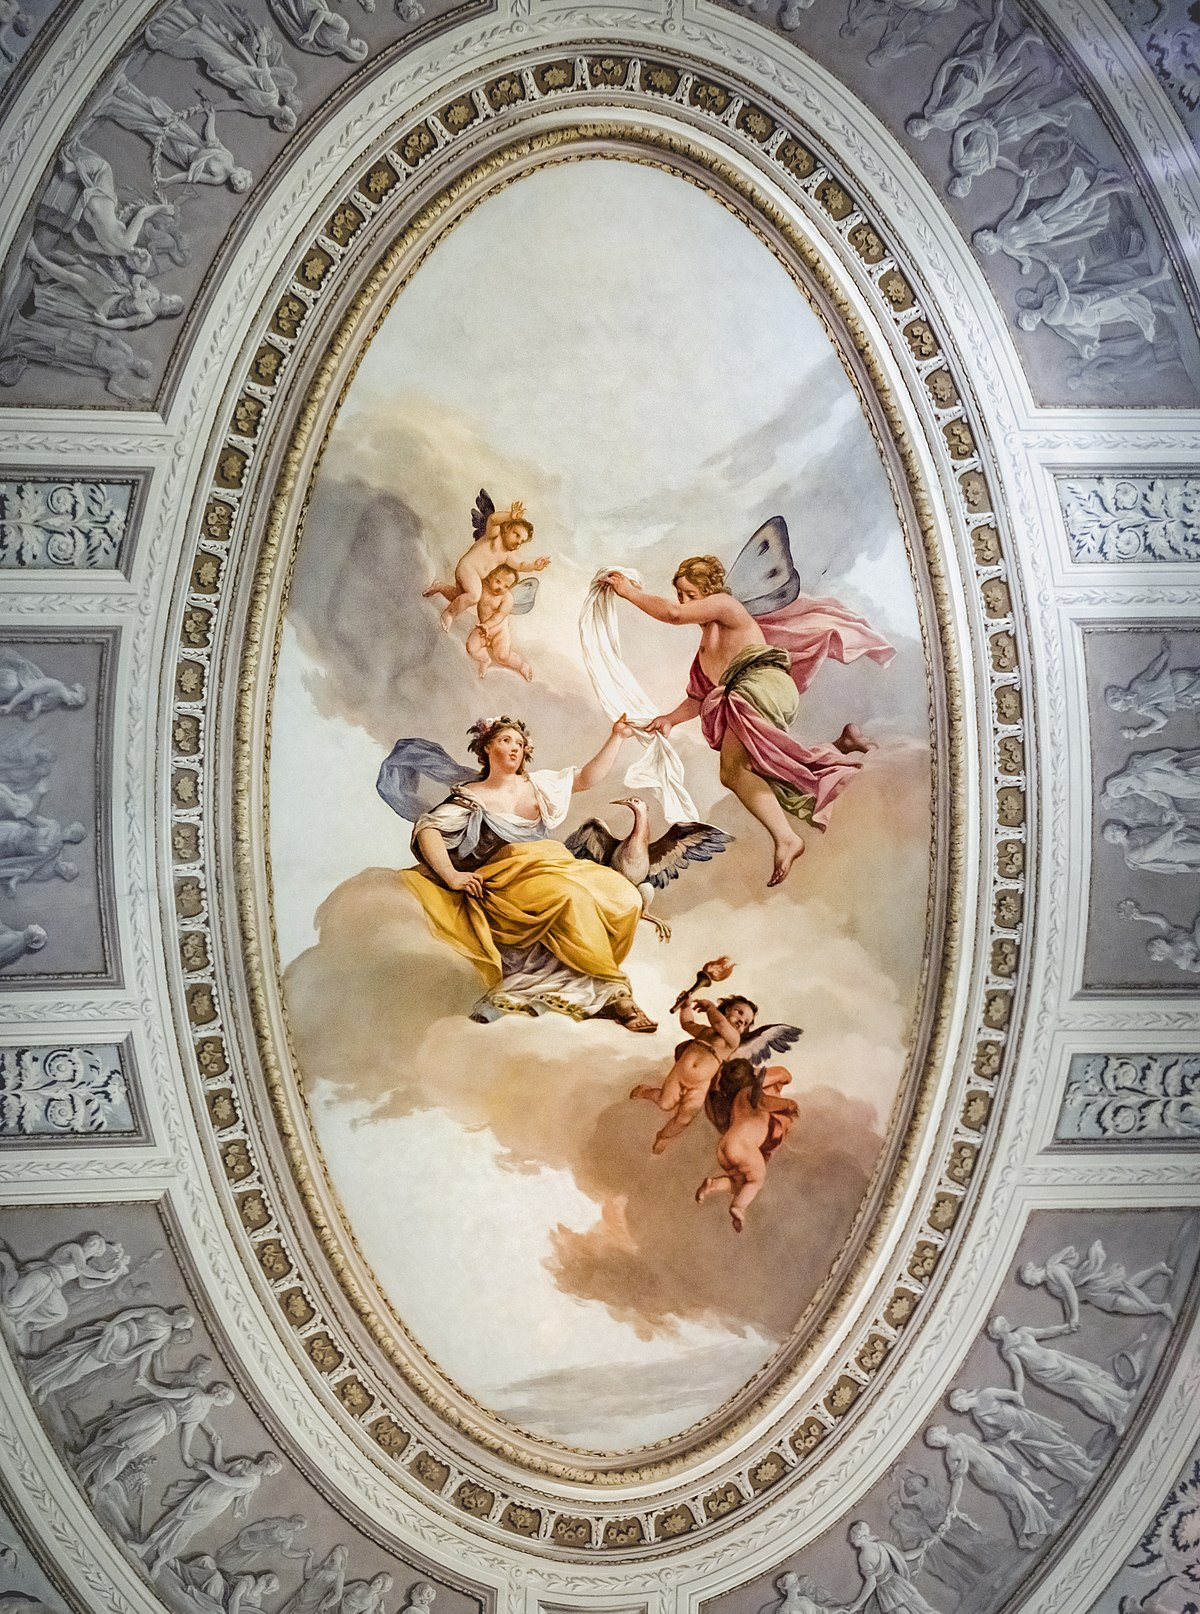 File Pinacoteca Querini Stampalia Zefiro E Flora Soffitto Della Camera Da Letto Da Jacopo Guarana Jpg Wikimedia Commons